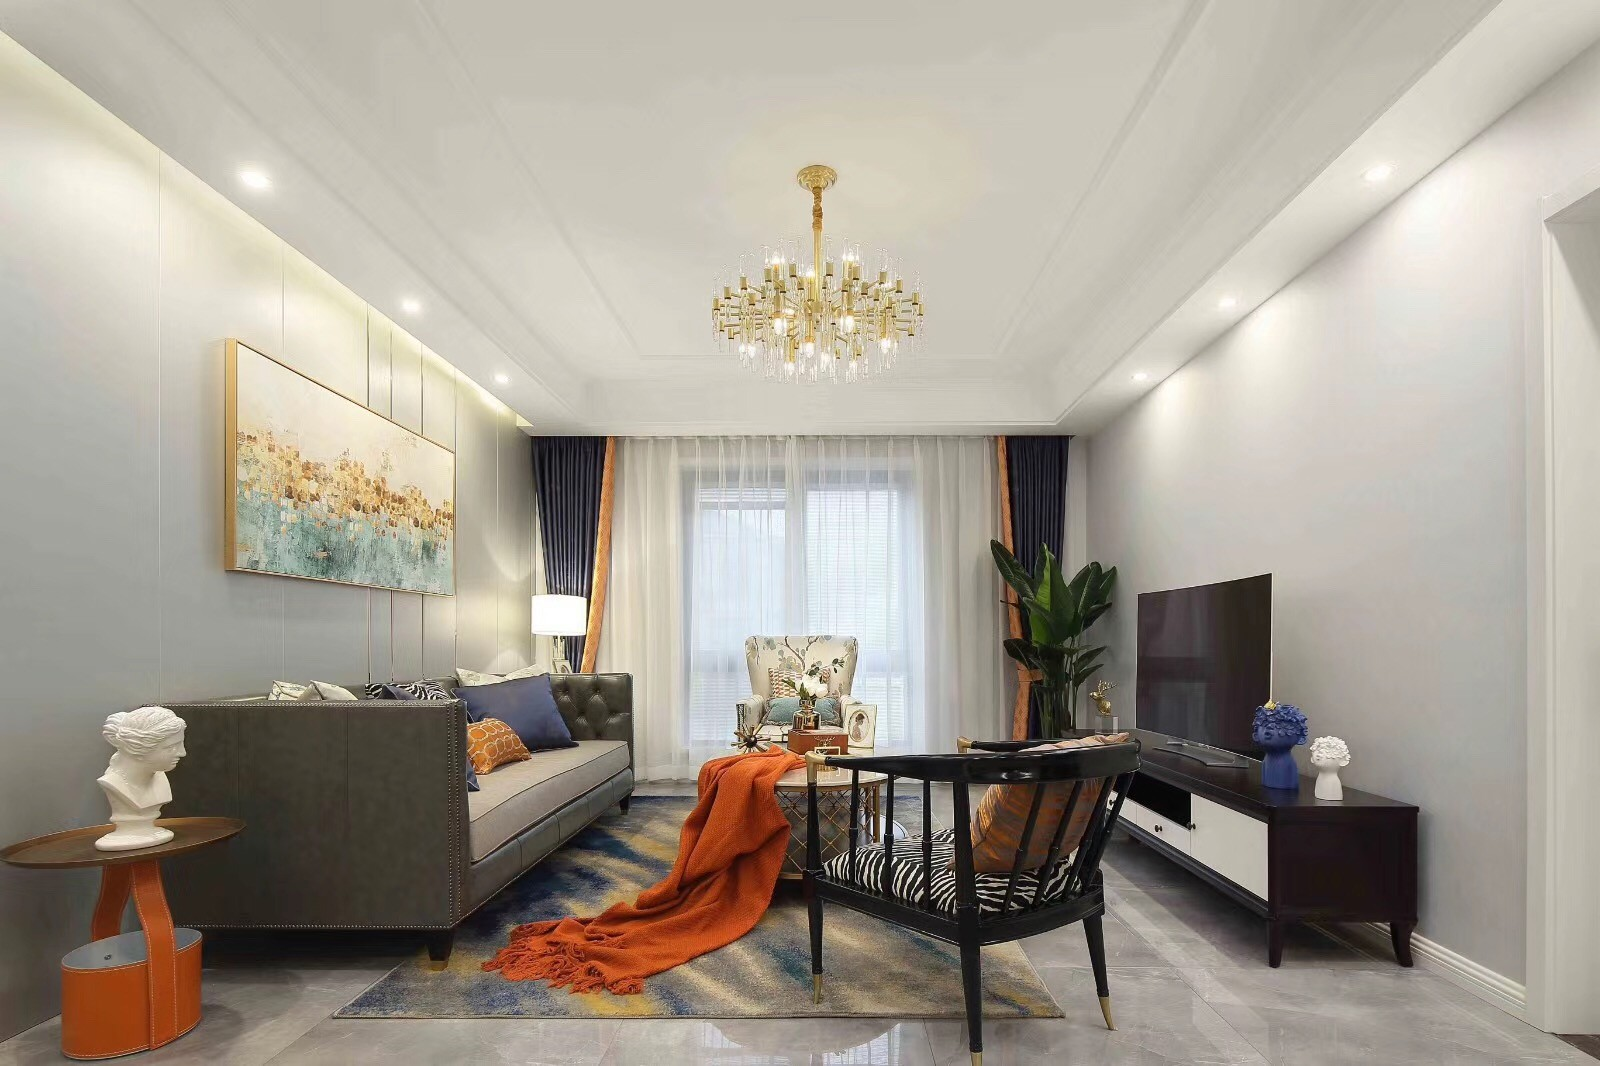 2021简单客厅装修设计 2021简单电视背景墙装修设计图片